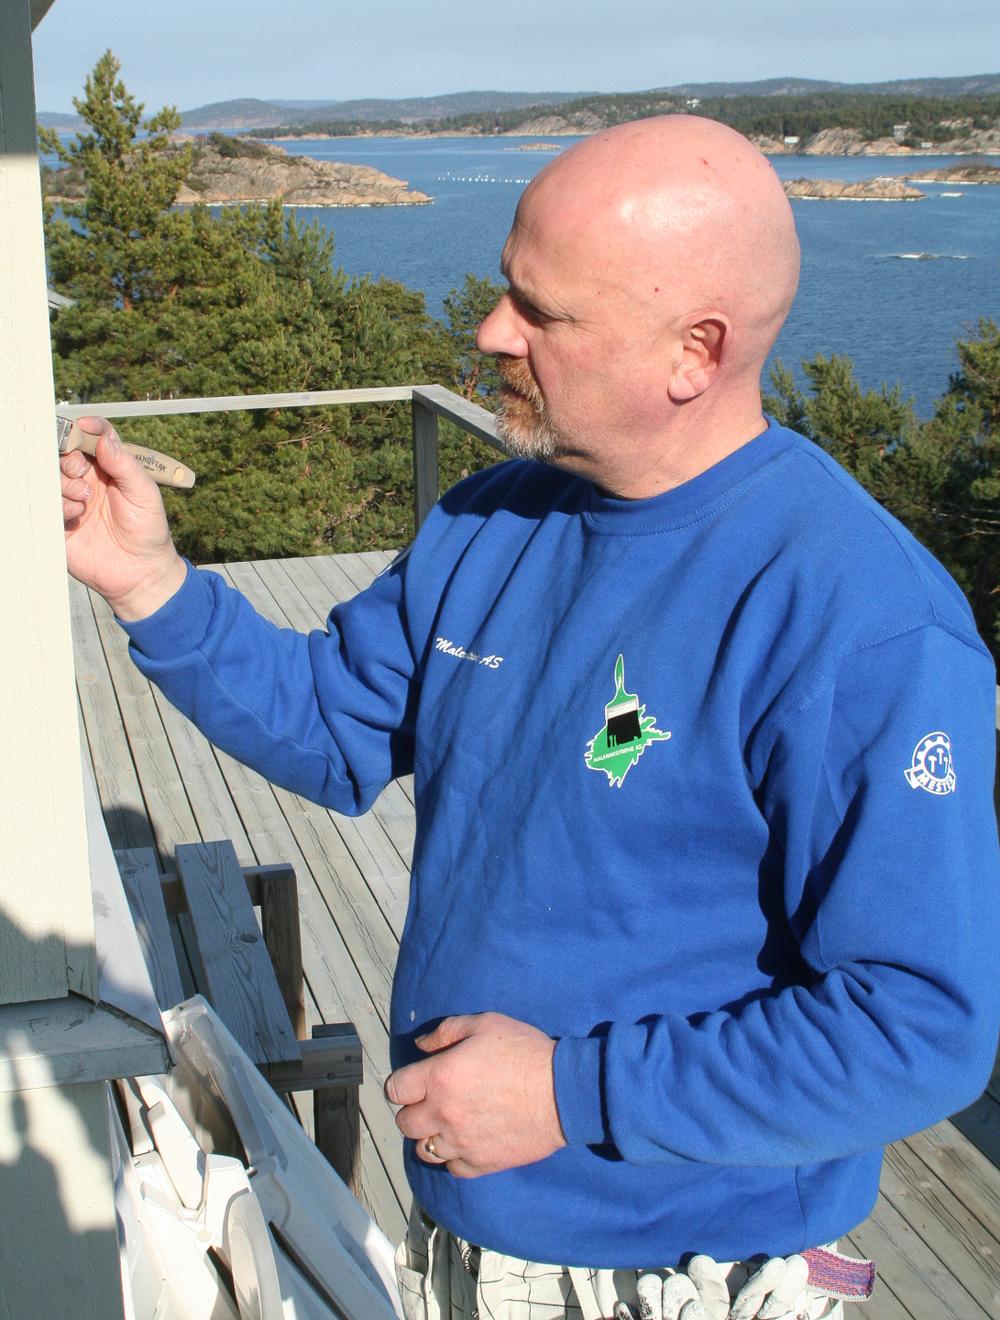 Malermester Sjur B. Hansen på et maleroppdrag på en hytte på Hvaler.